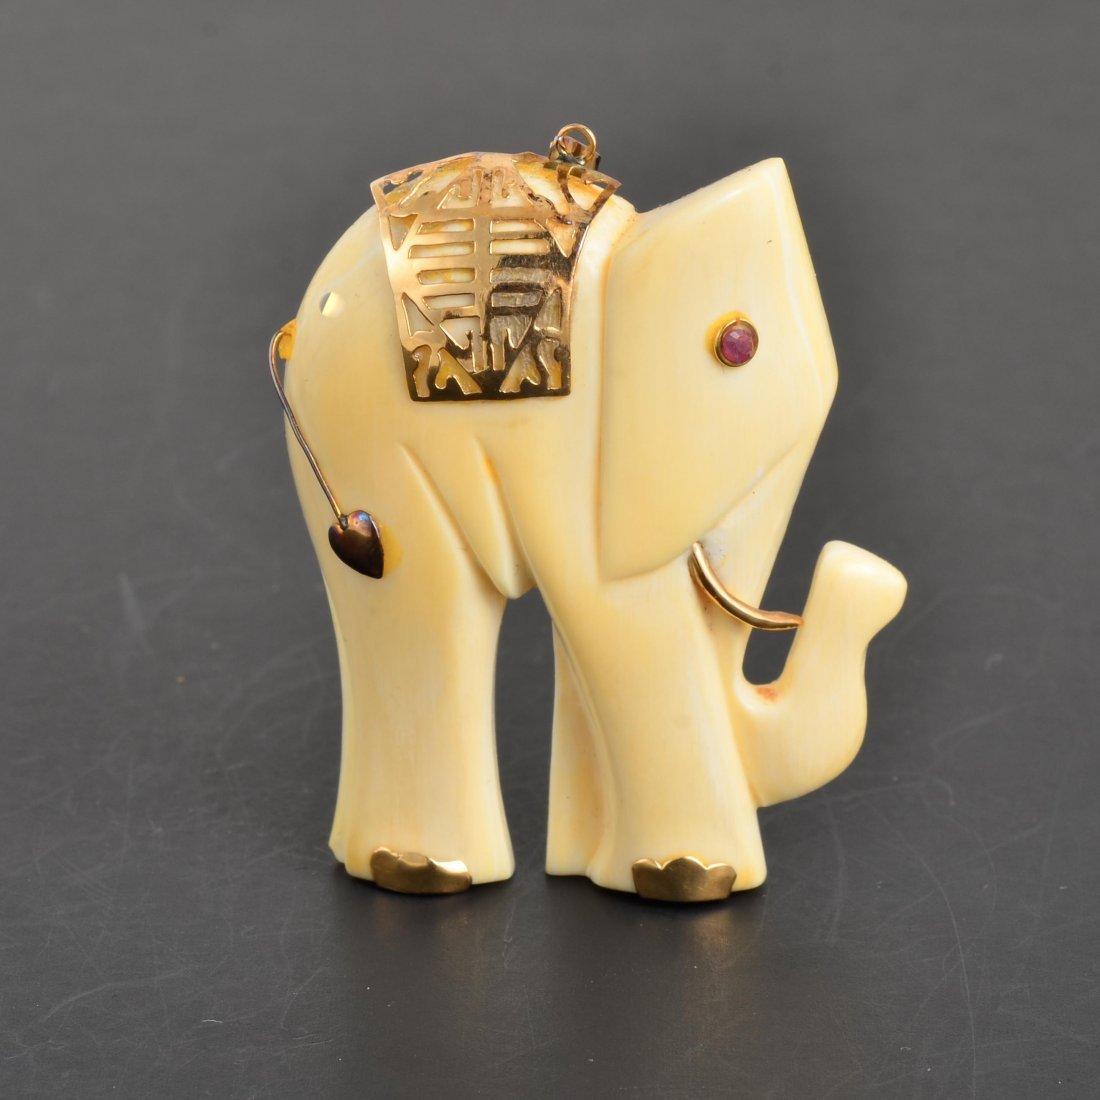 YG Ruby & Ivory Elephant Pendant